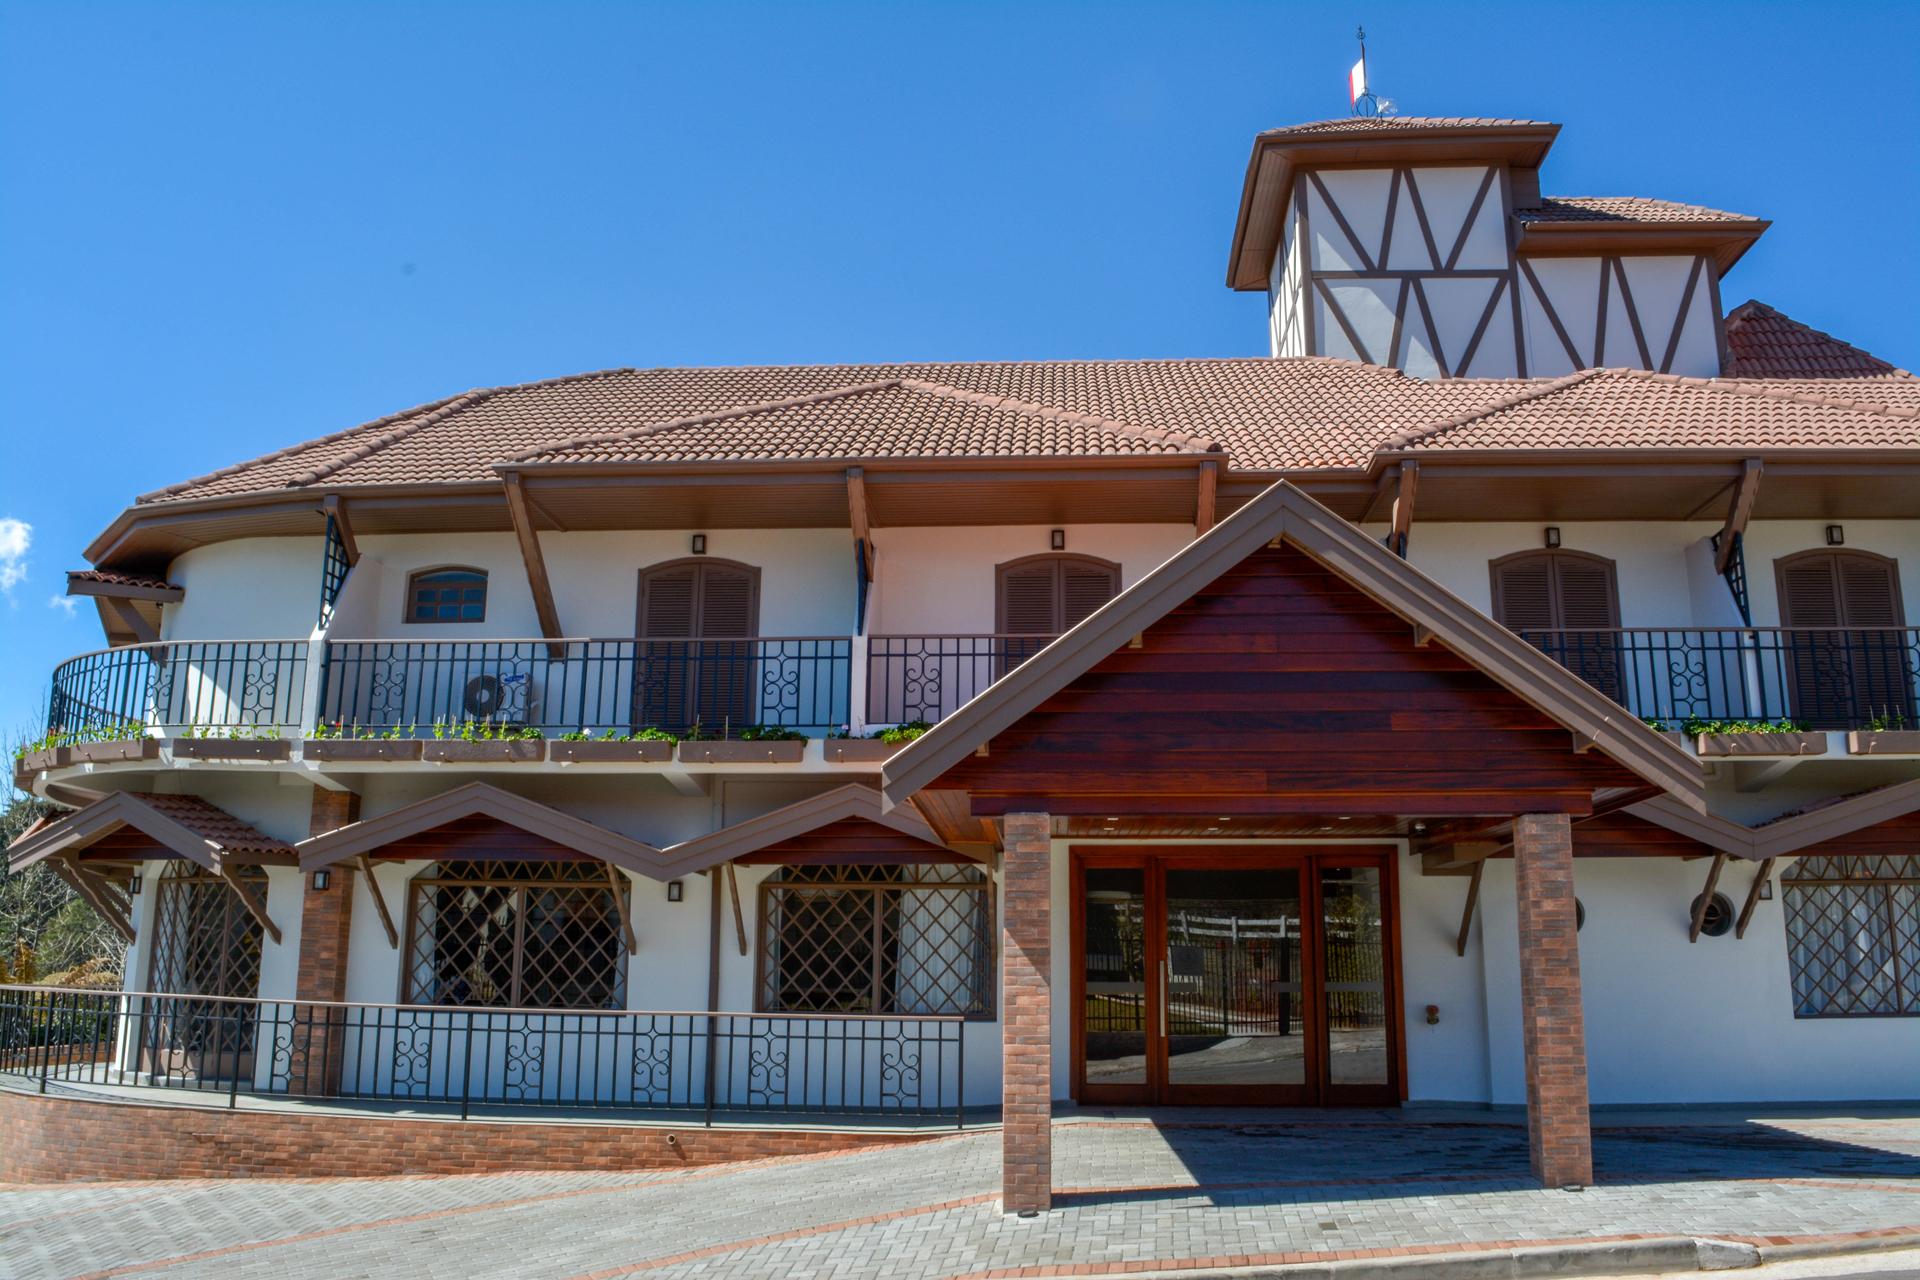 hotel-moinho-italia-campos-do-jordao-03